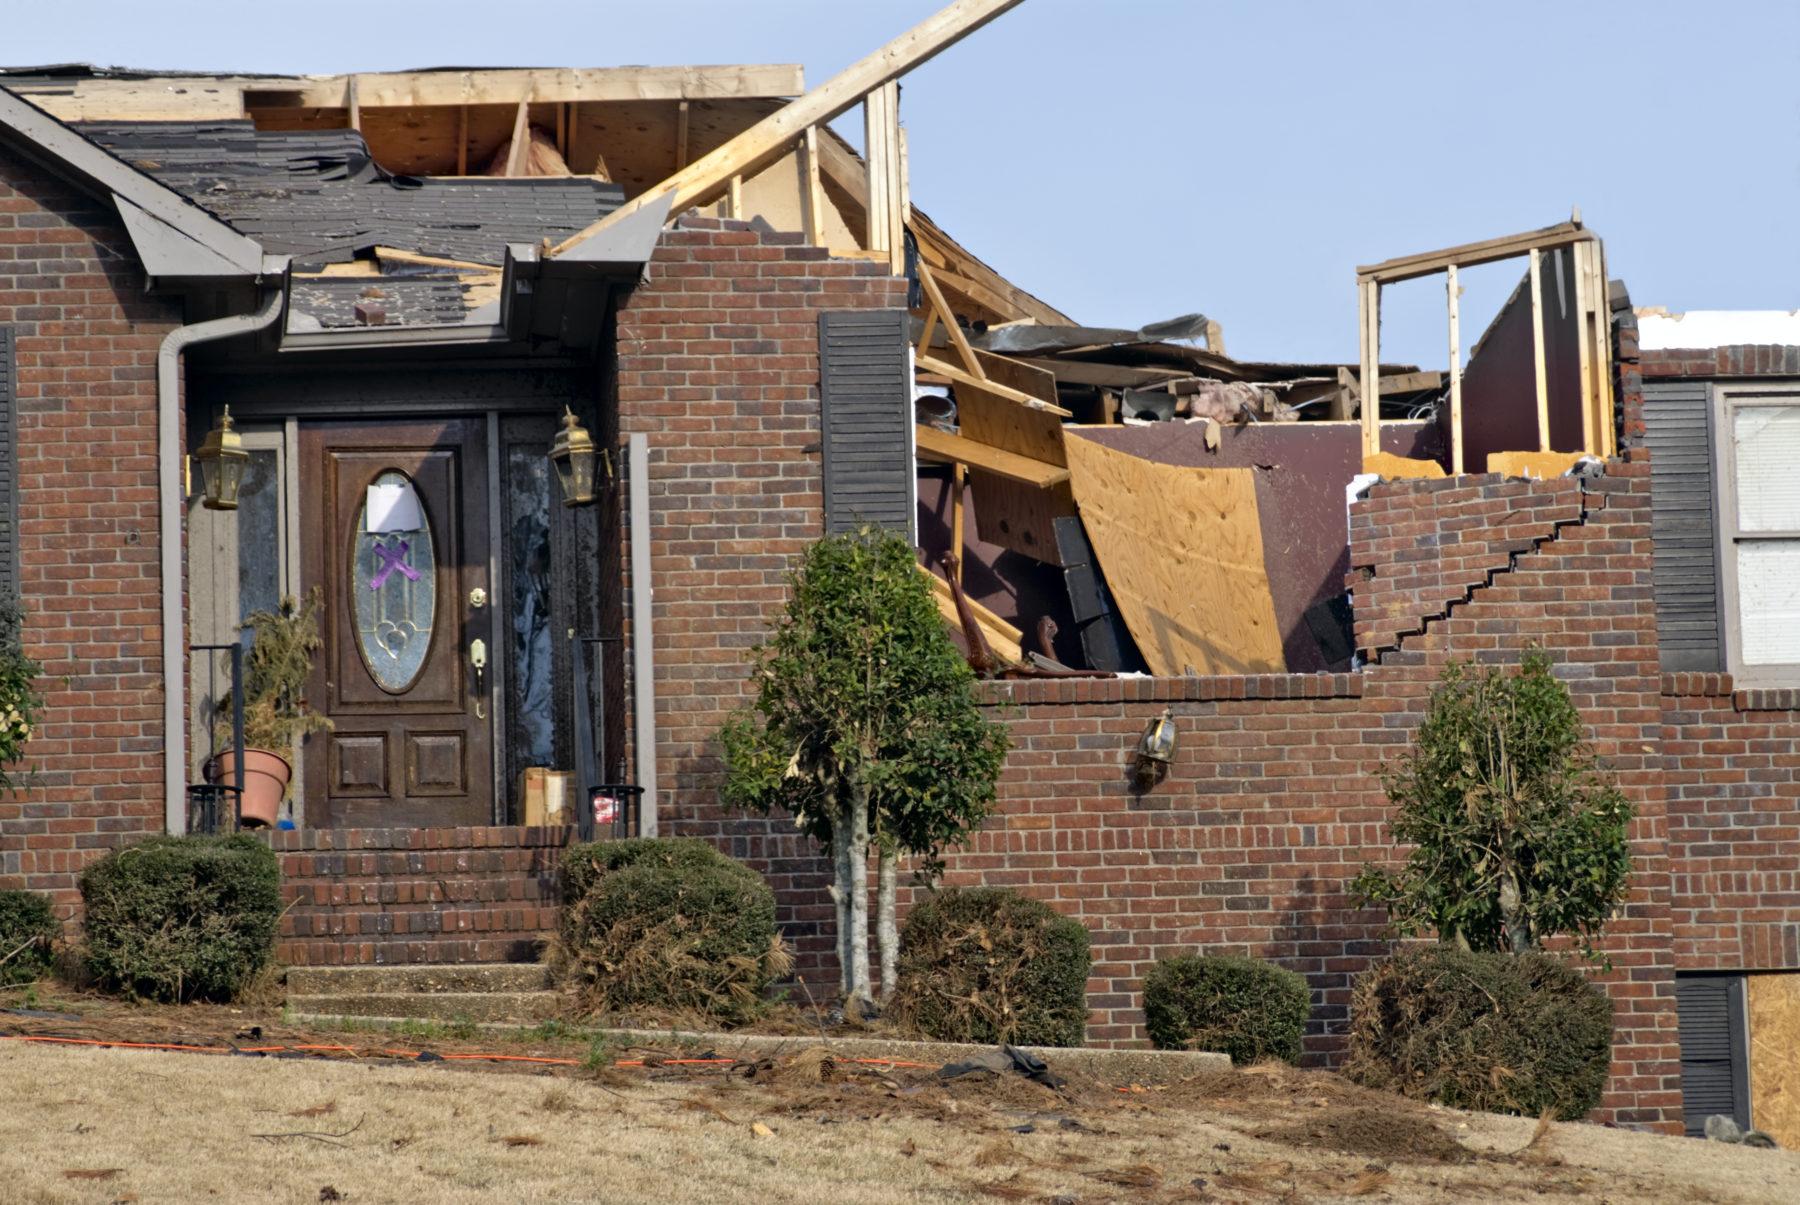 a home in Birmingham, AL, with severe tornado damage